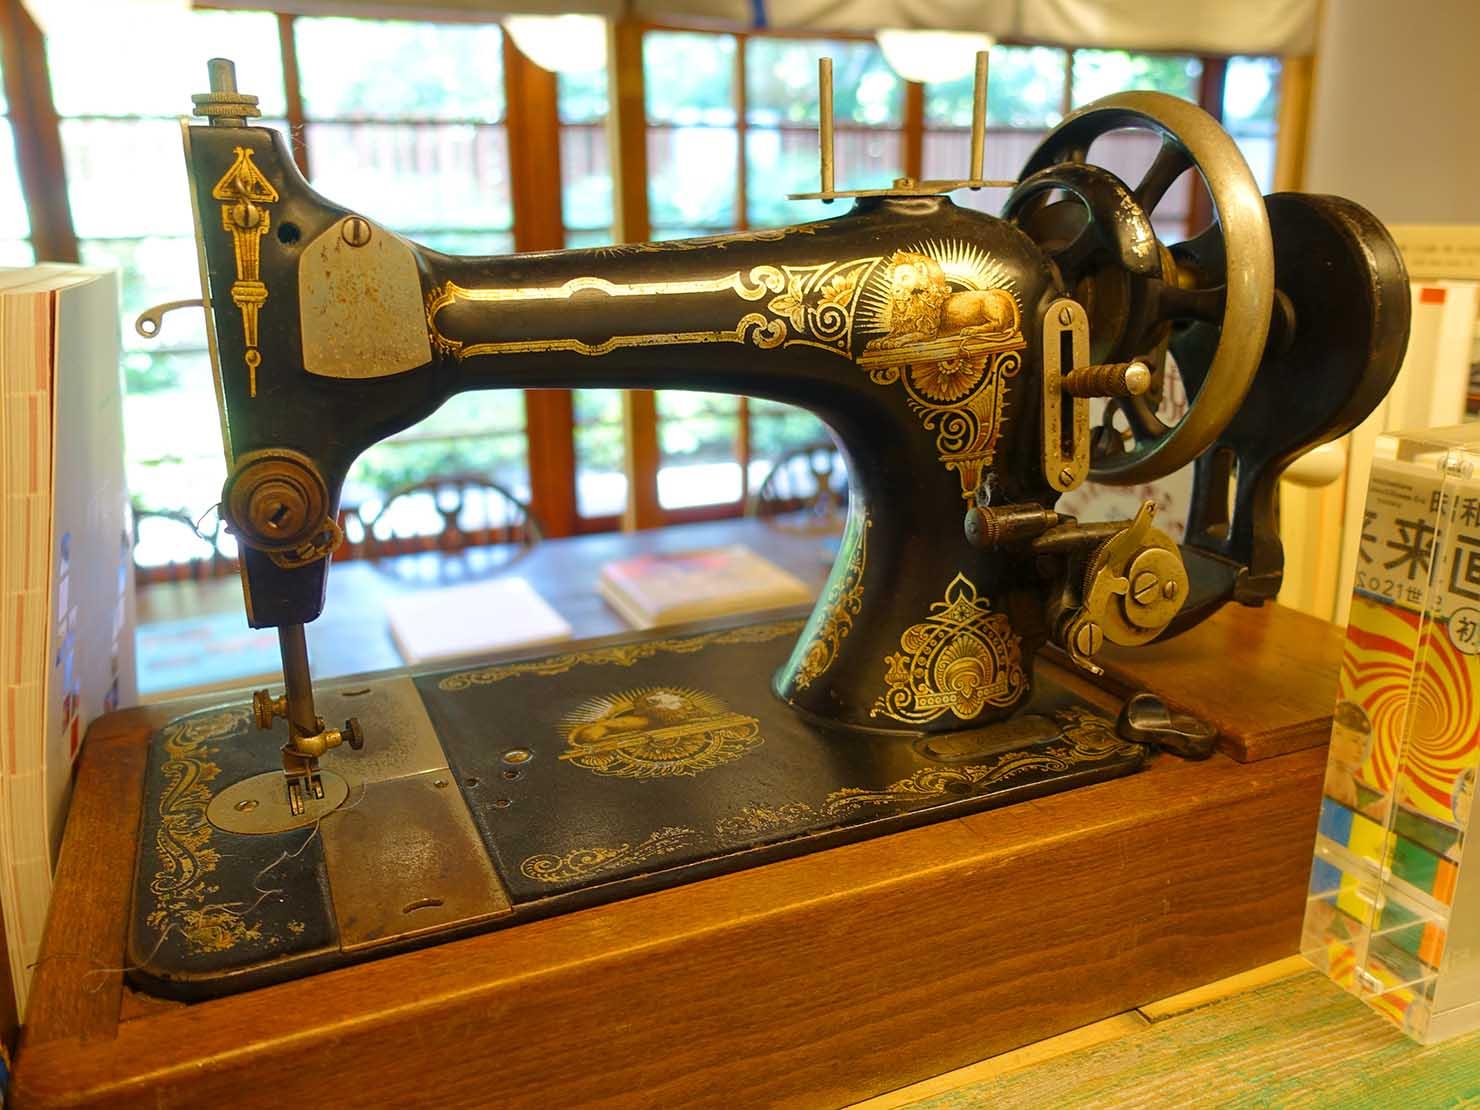 台北の街に佇む日本式古民家の図書館「文房 Chapter」に置かれた古いミシン